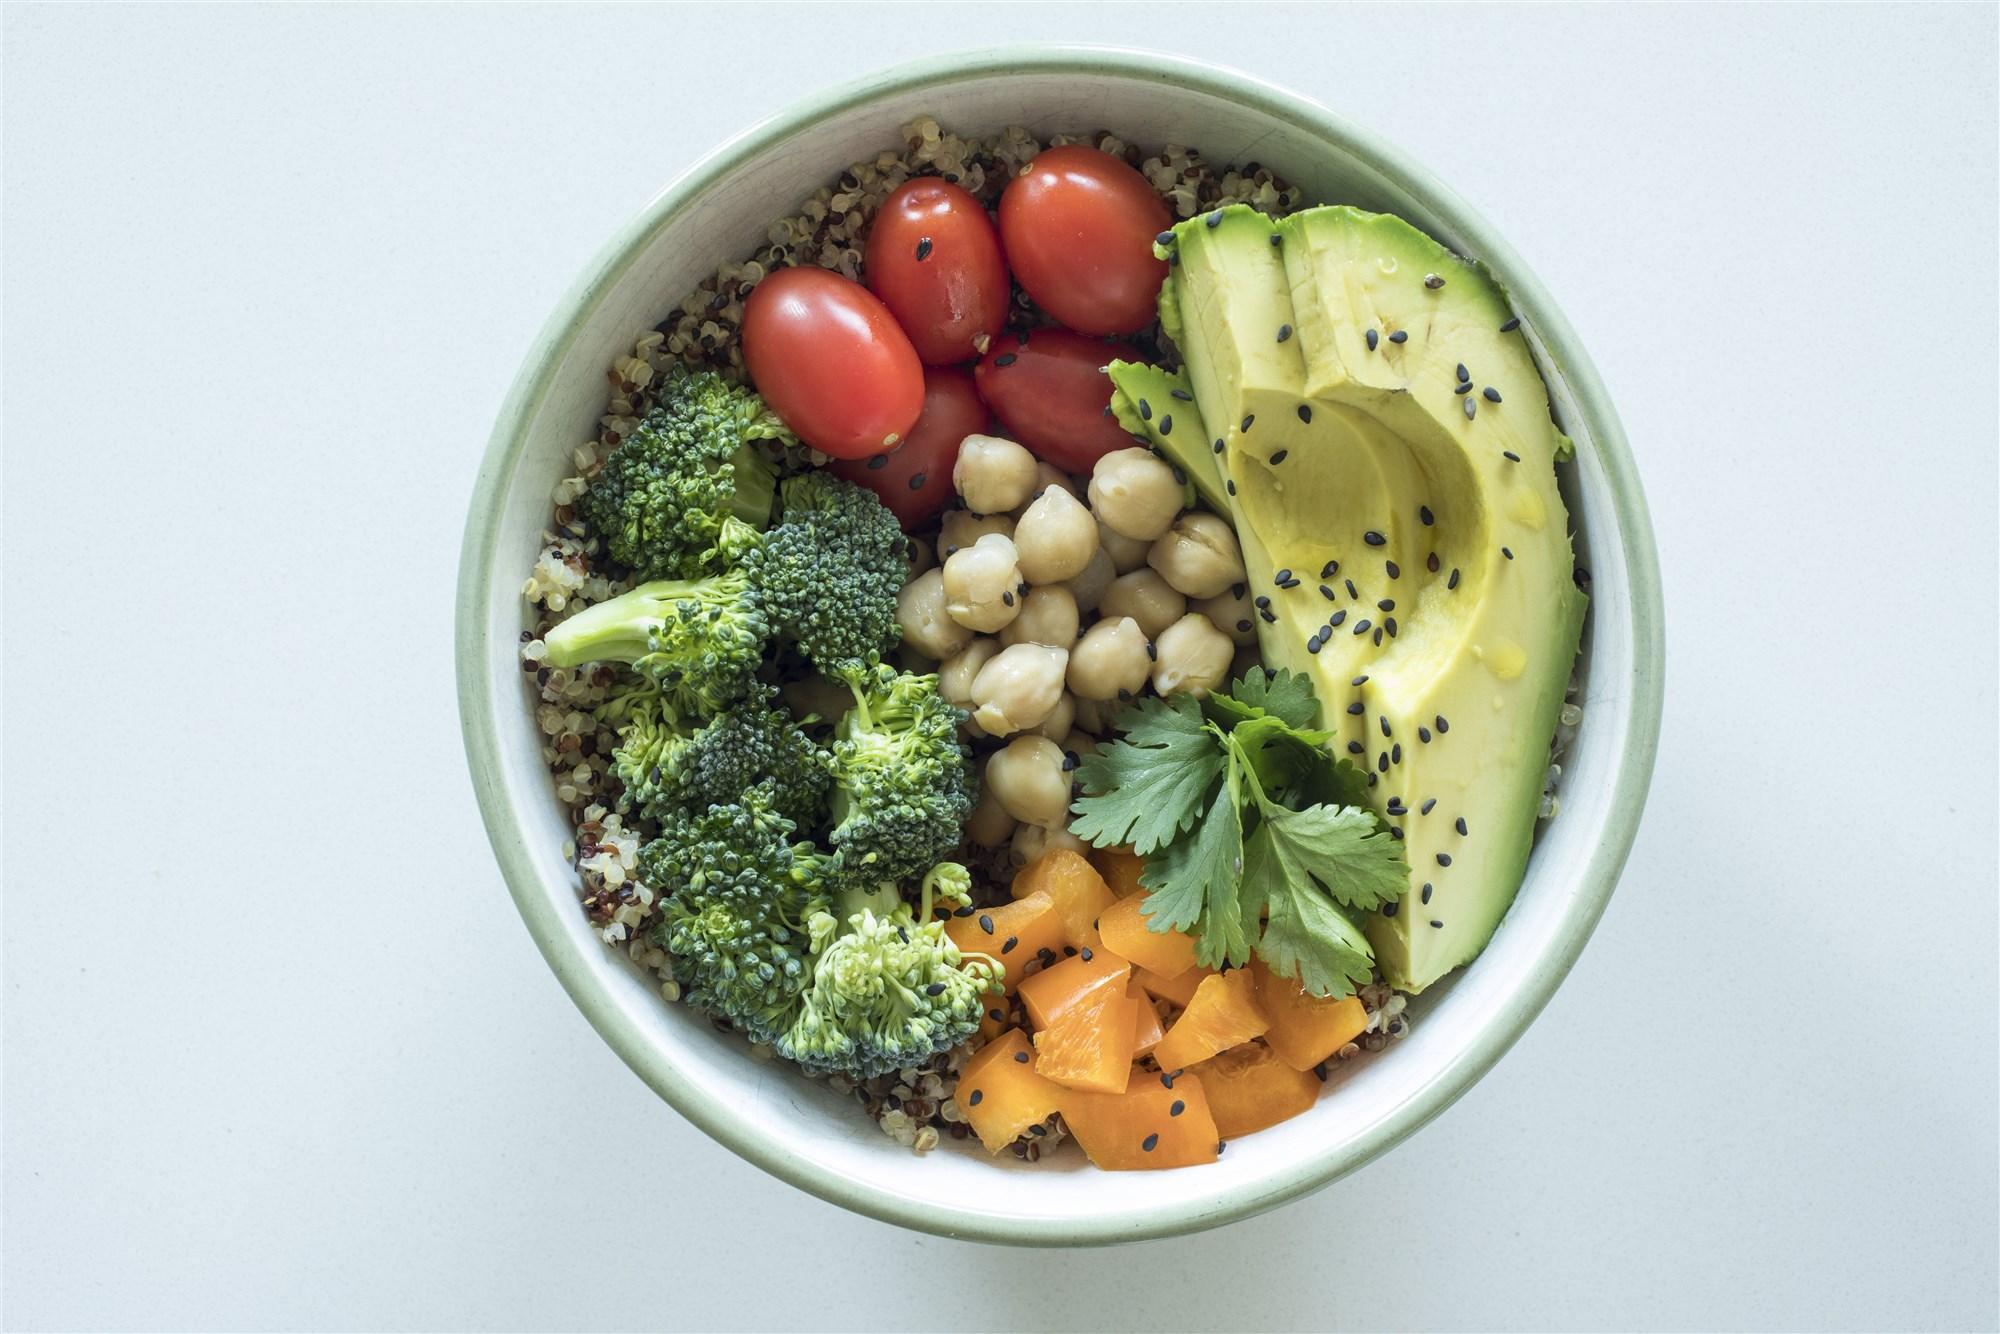 facts-vegetarian-brecher-better_4b19c68c48cb43166fa0bca1da4b1a2a.fit-2000w.jpg